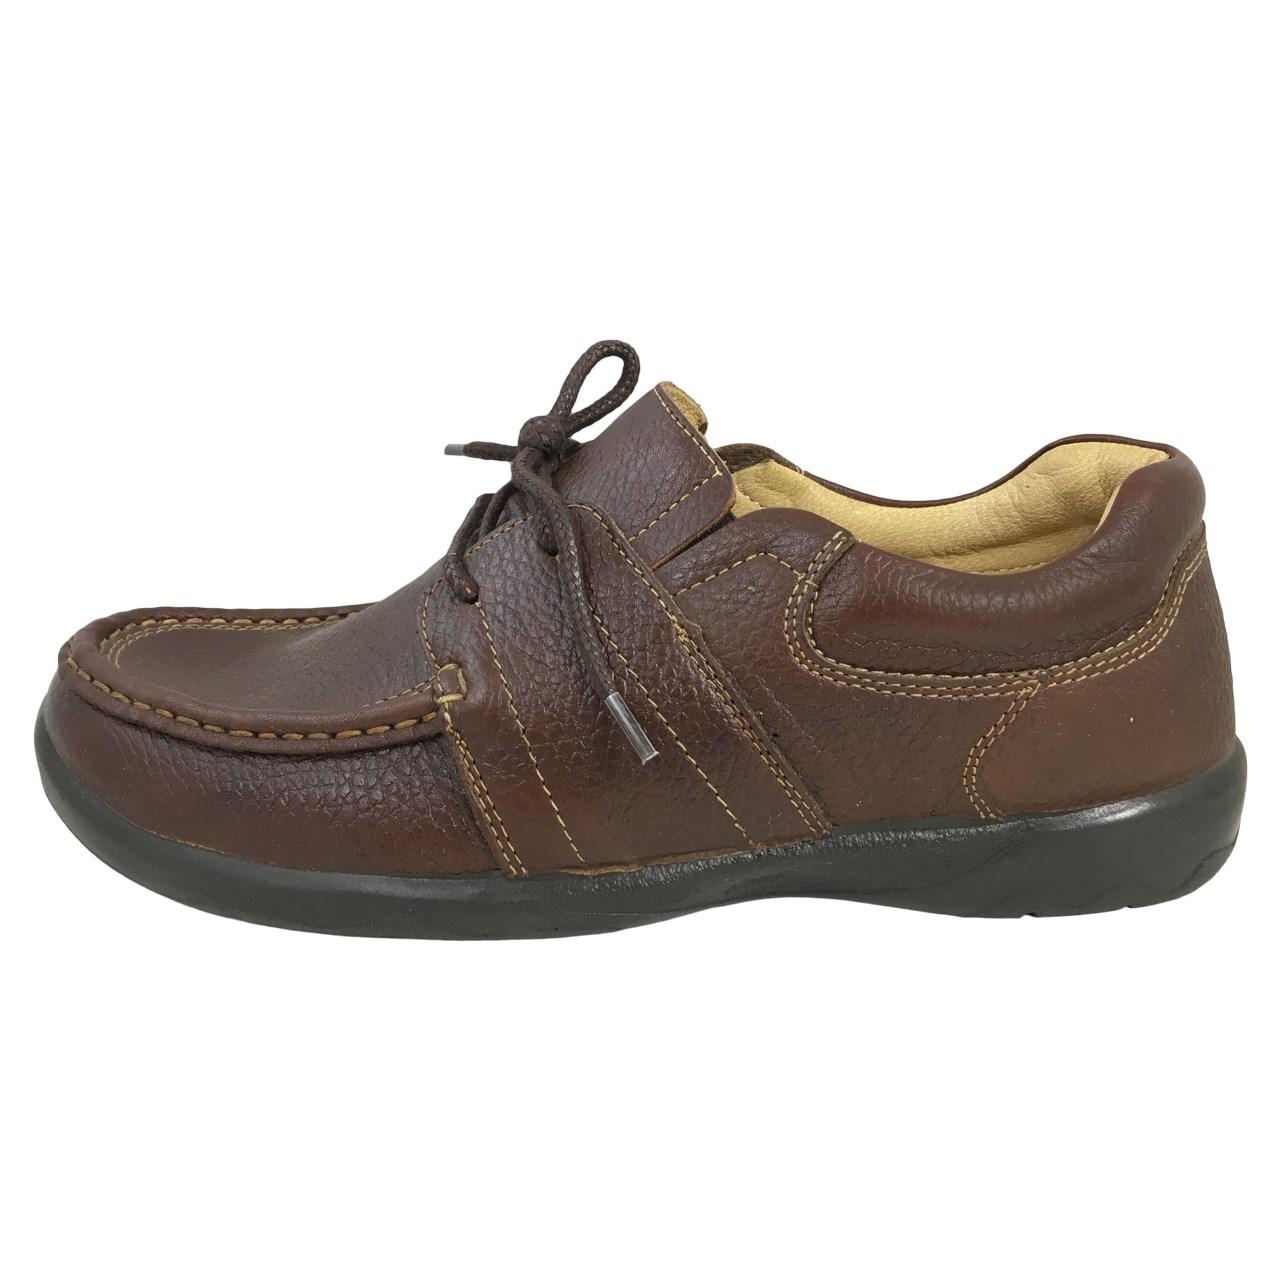 کفش طبی مردانه نهرین مدل شرانک کد 2295